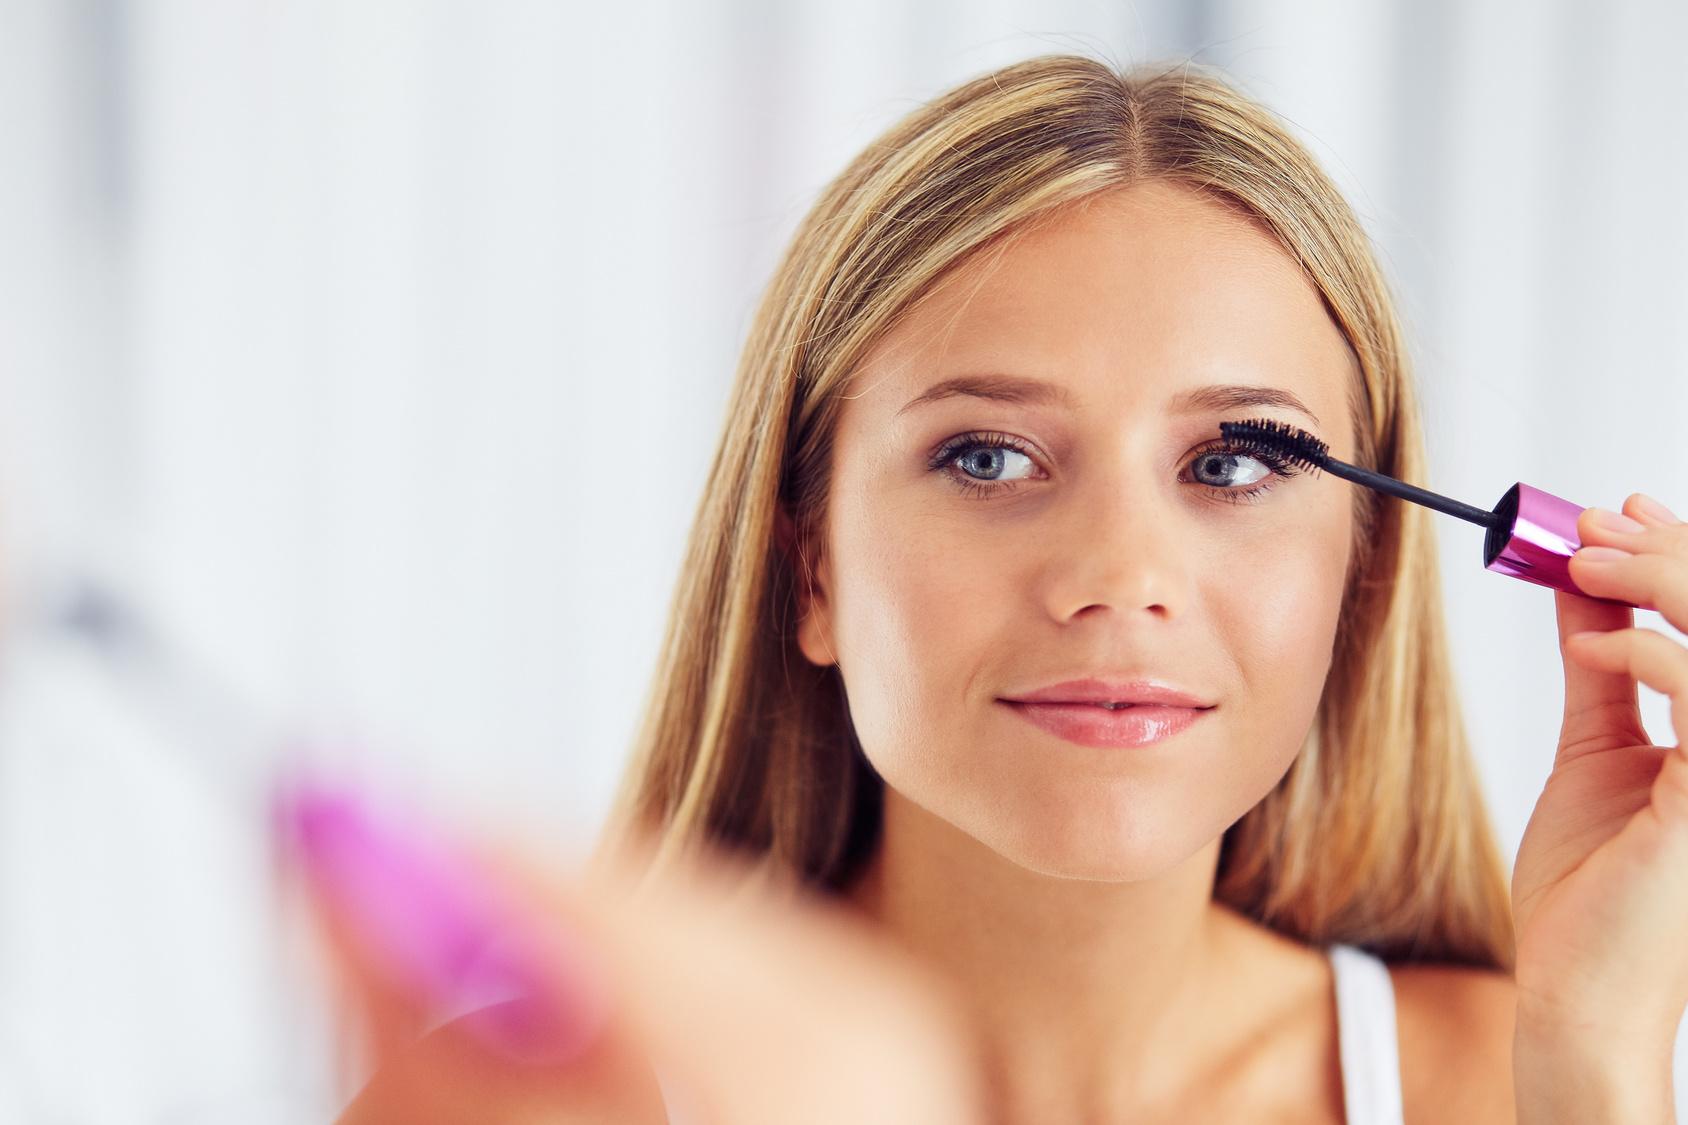 Makijaż oczu dla początkujących